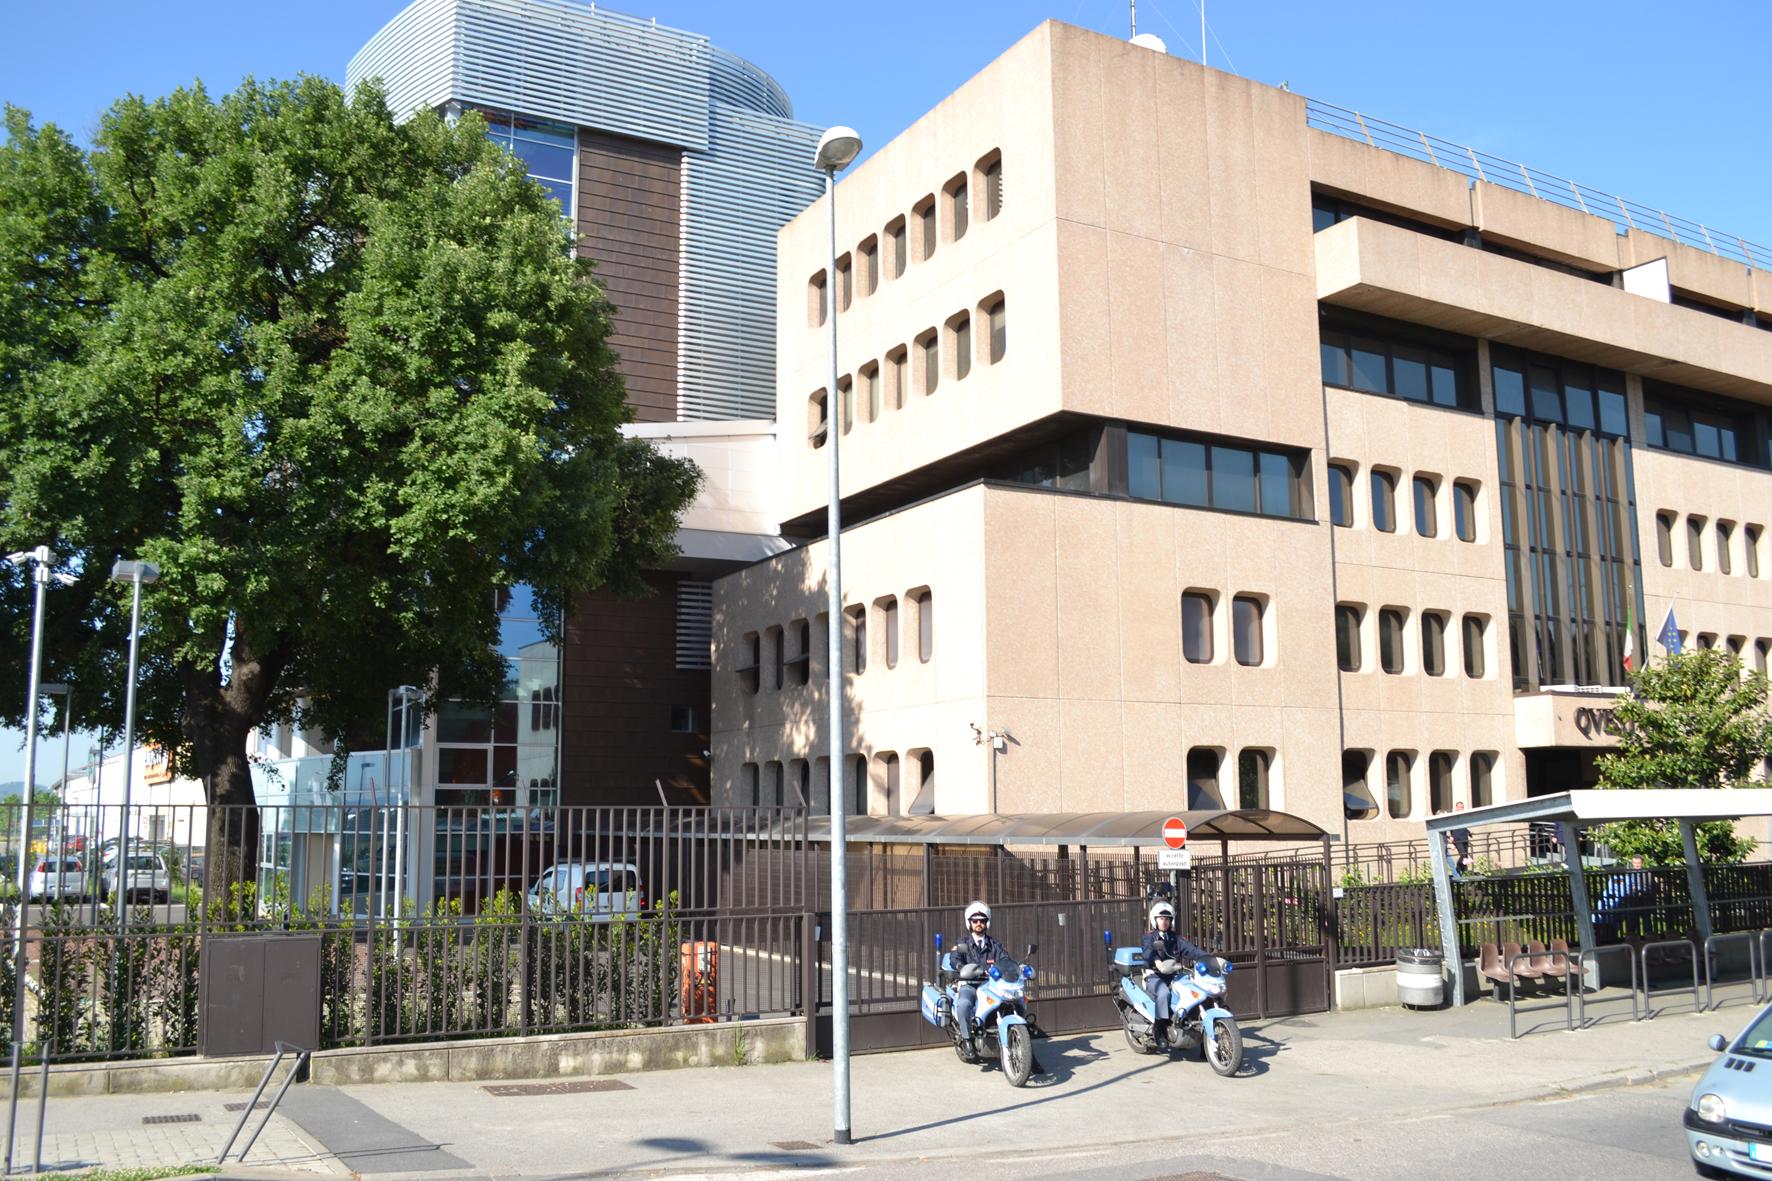 Polizia di stato questure sul web prato for Questura di cremona permesso di soggiorno